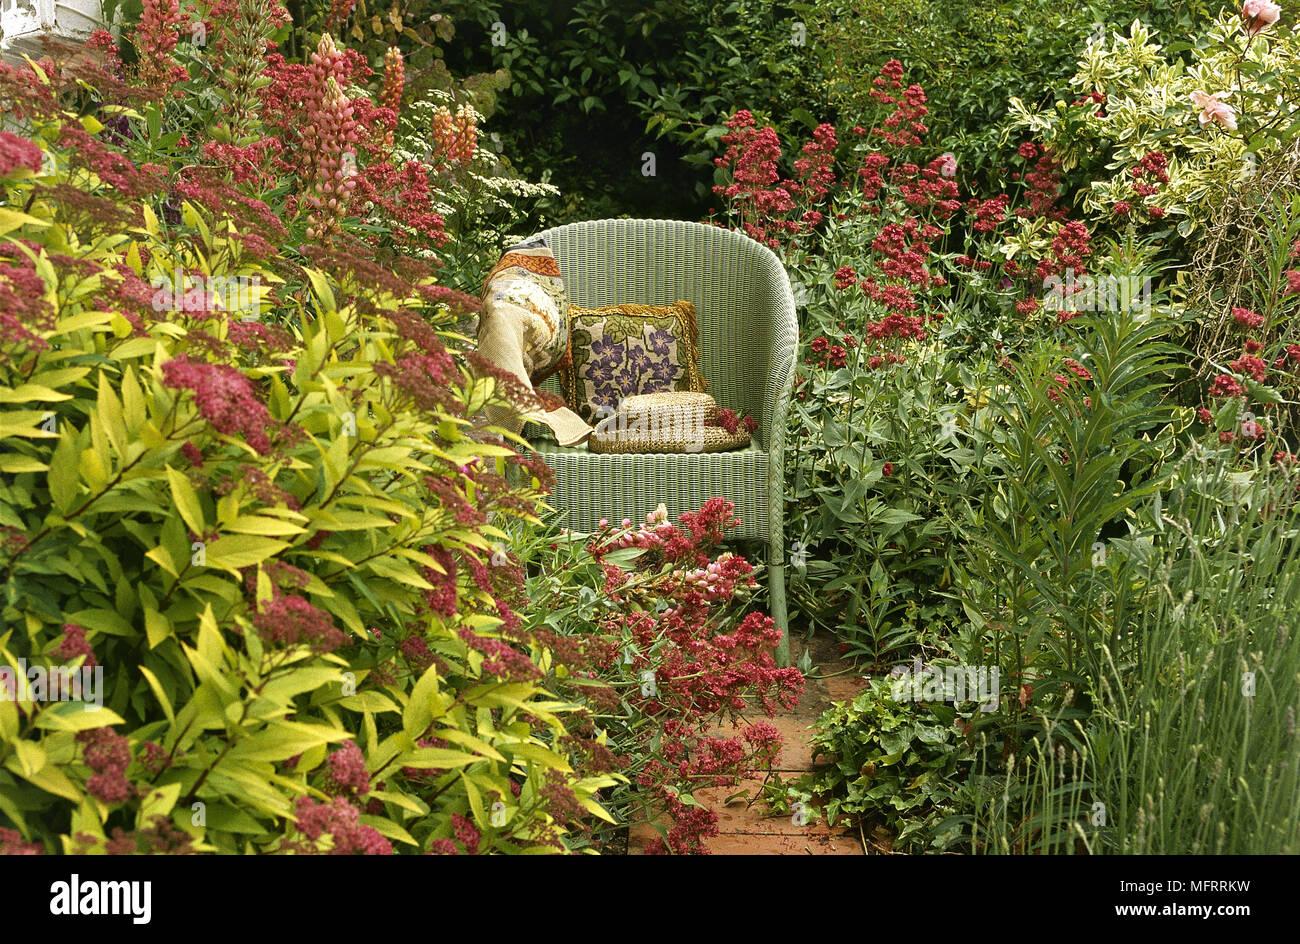 Ein Garten Detail A Lloyd Loom Korbsessel Unter Blumen Und Sträucher